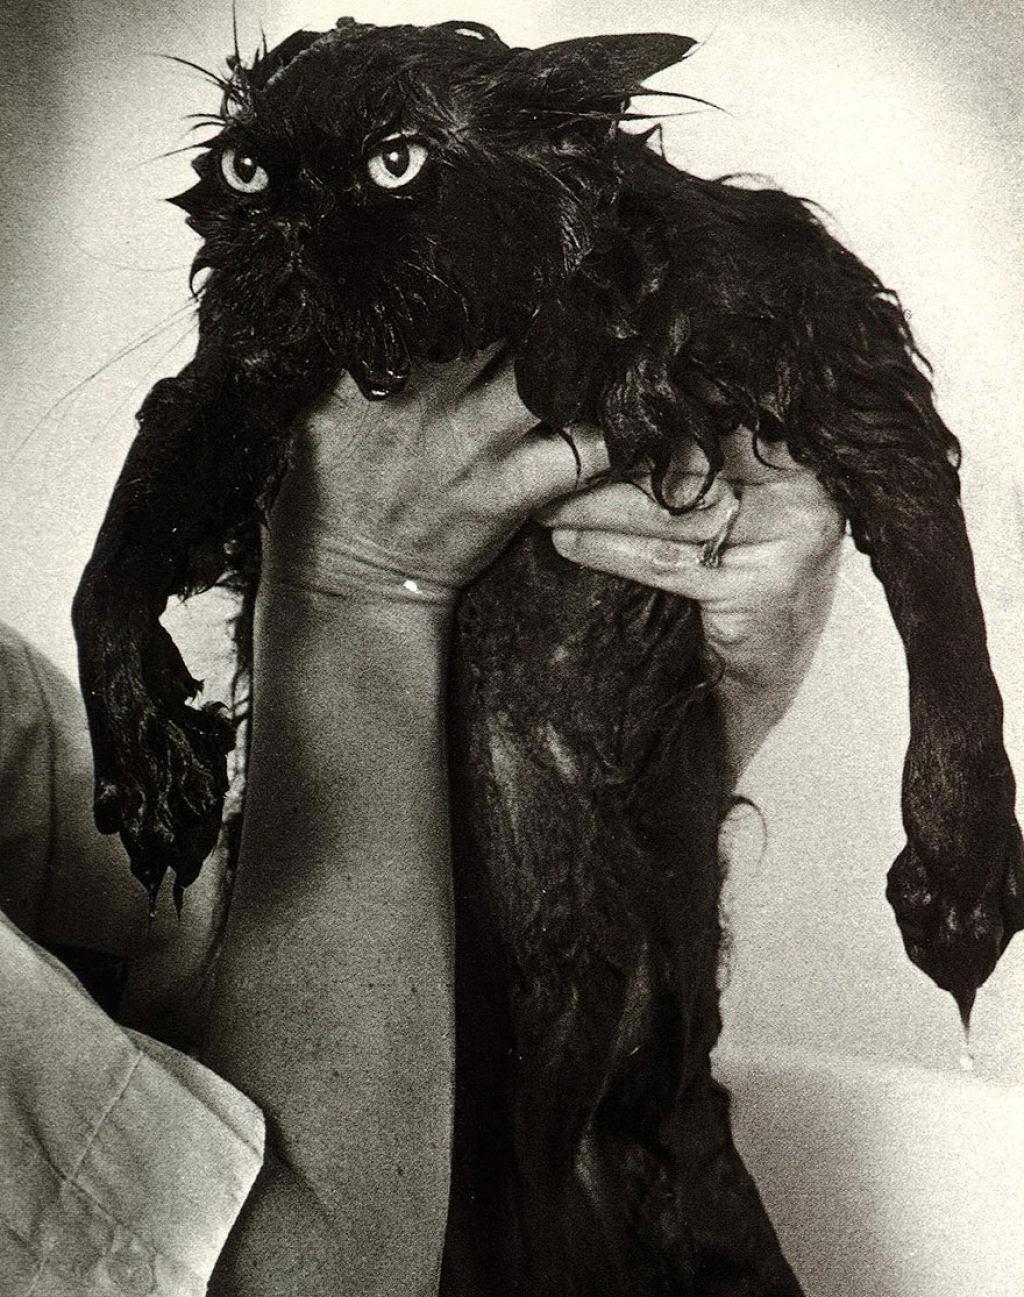 Fotografias engraçadas de gatos tomando banho 19